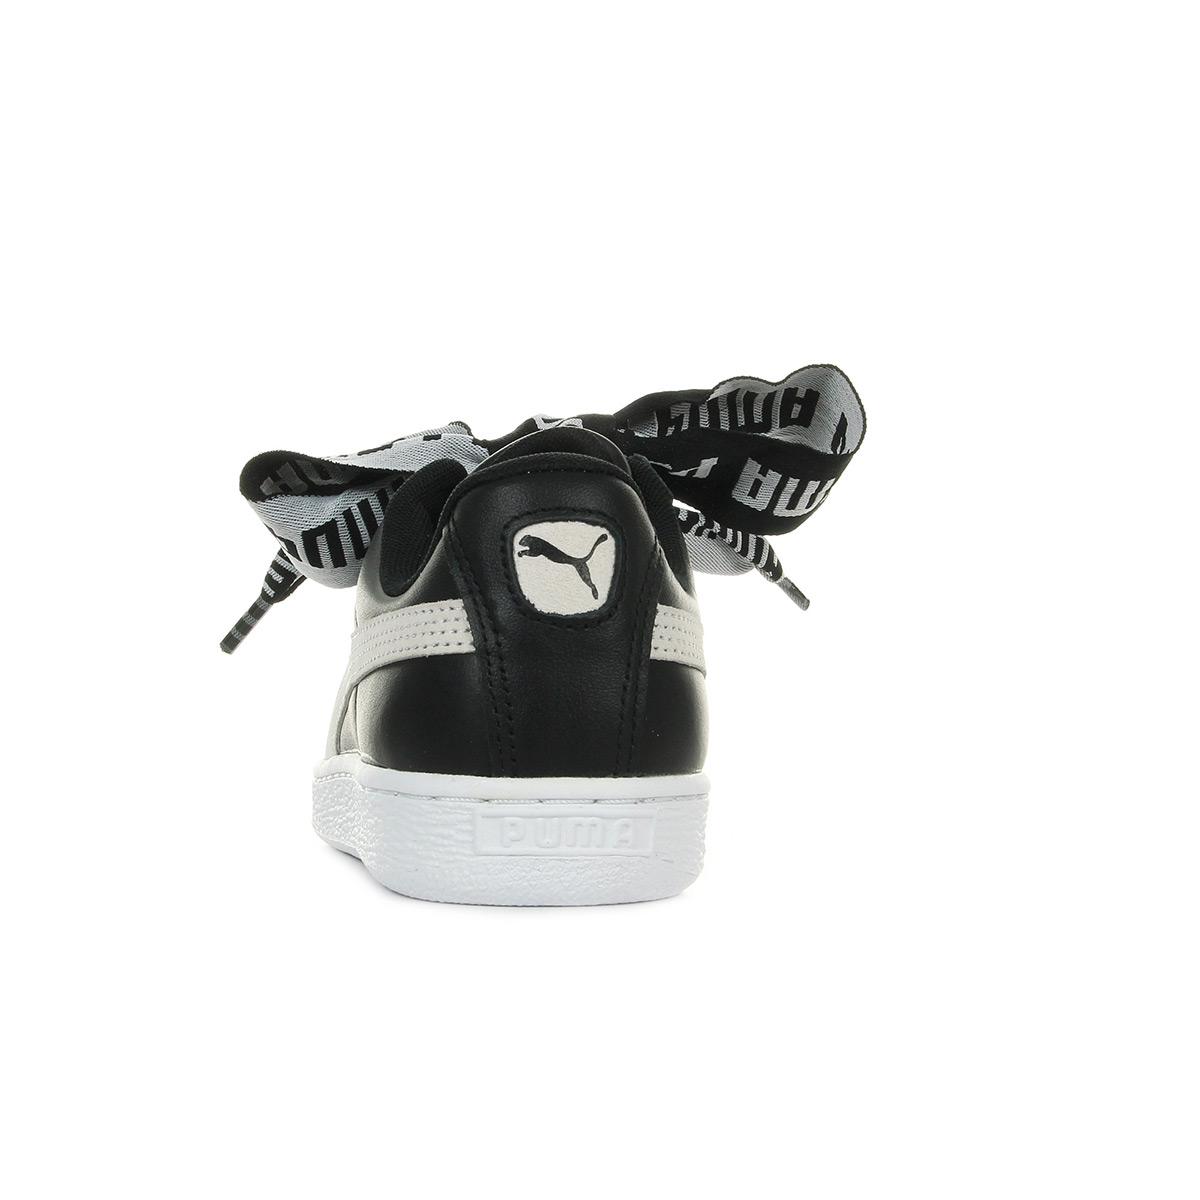 Puma Basket Heart DE Wns 36408201, Baskets mode femme